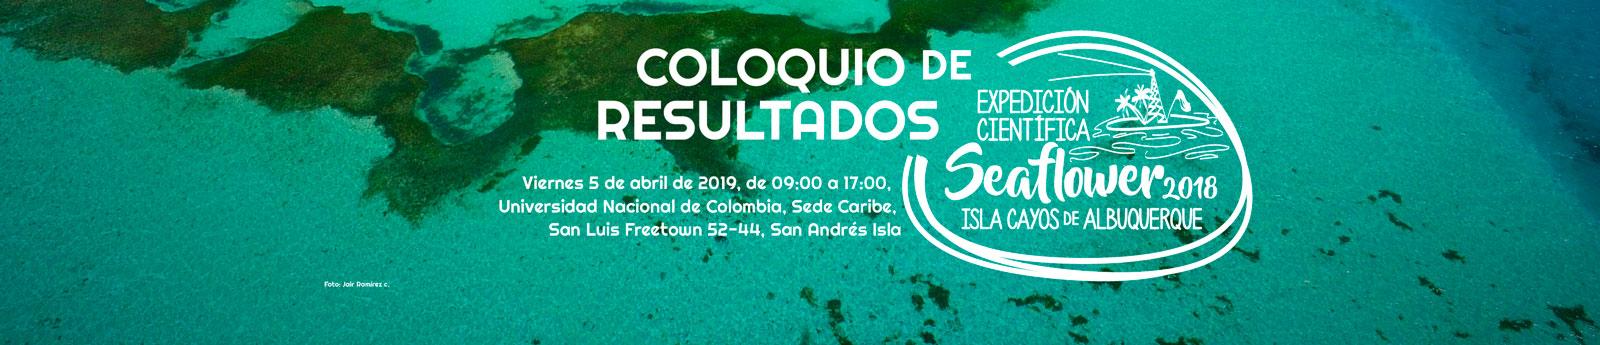 En San Andrés realizaremos el Coloquio de Resultados de la Expedición Científica Seaflower 2018